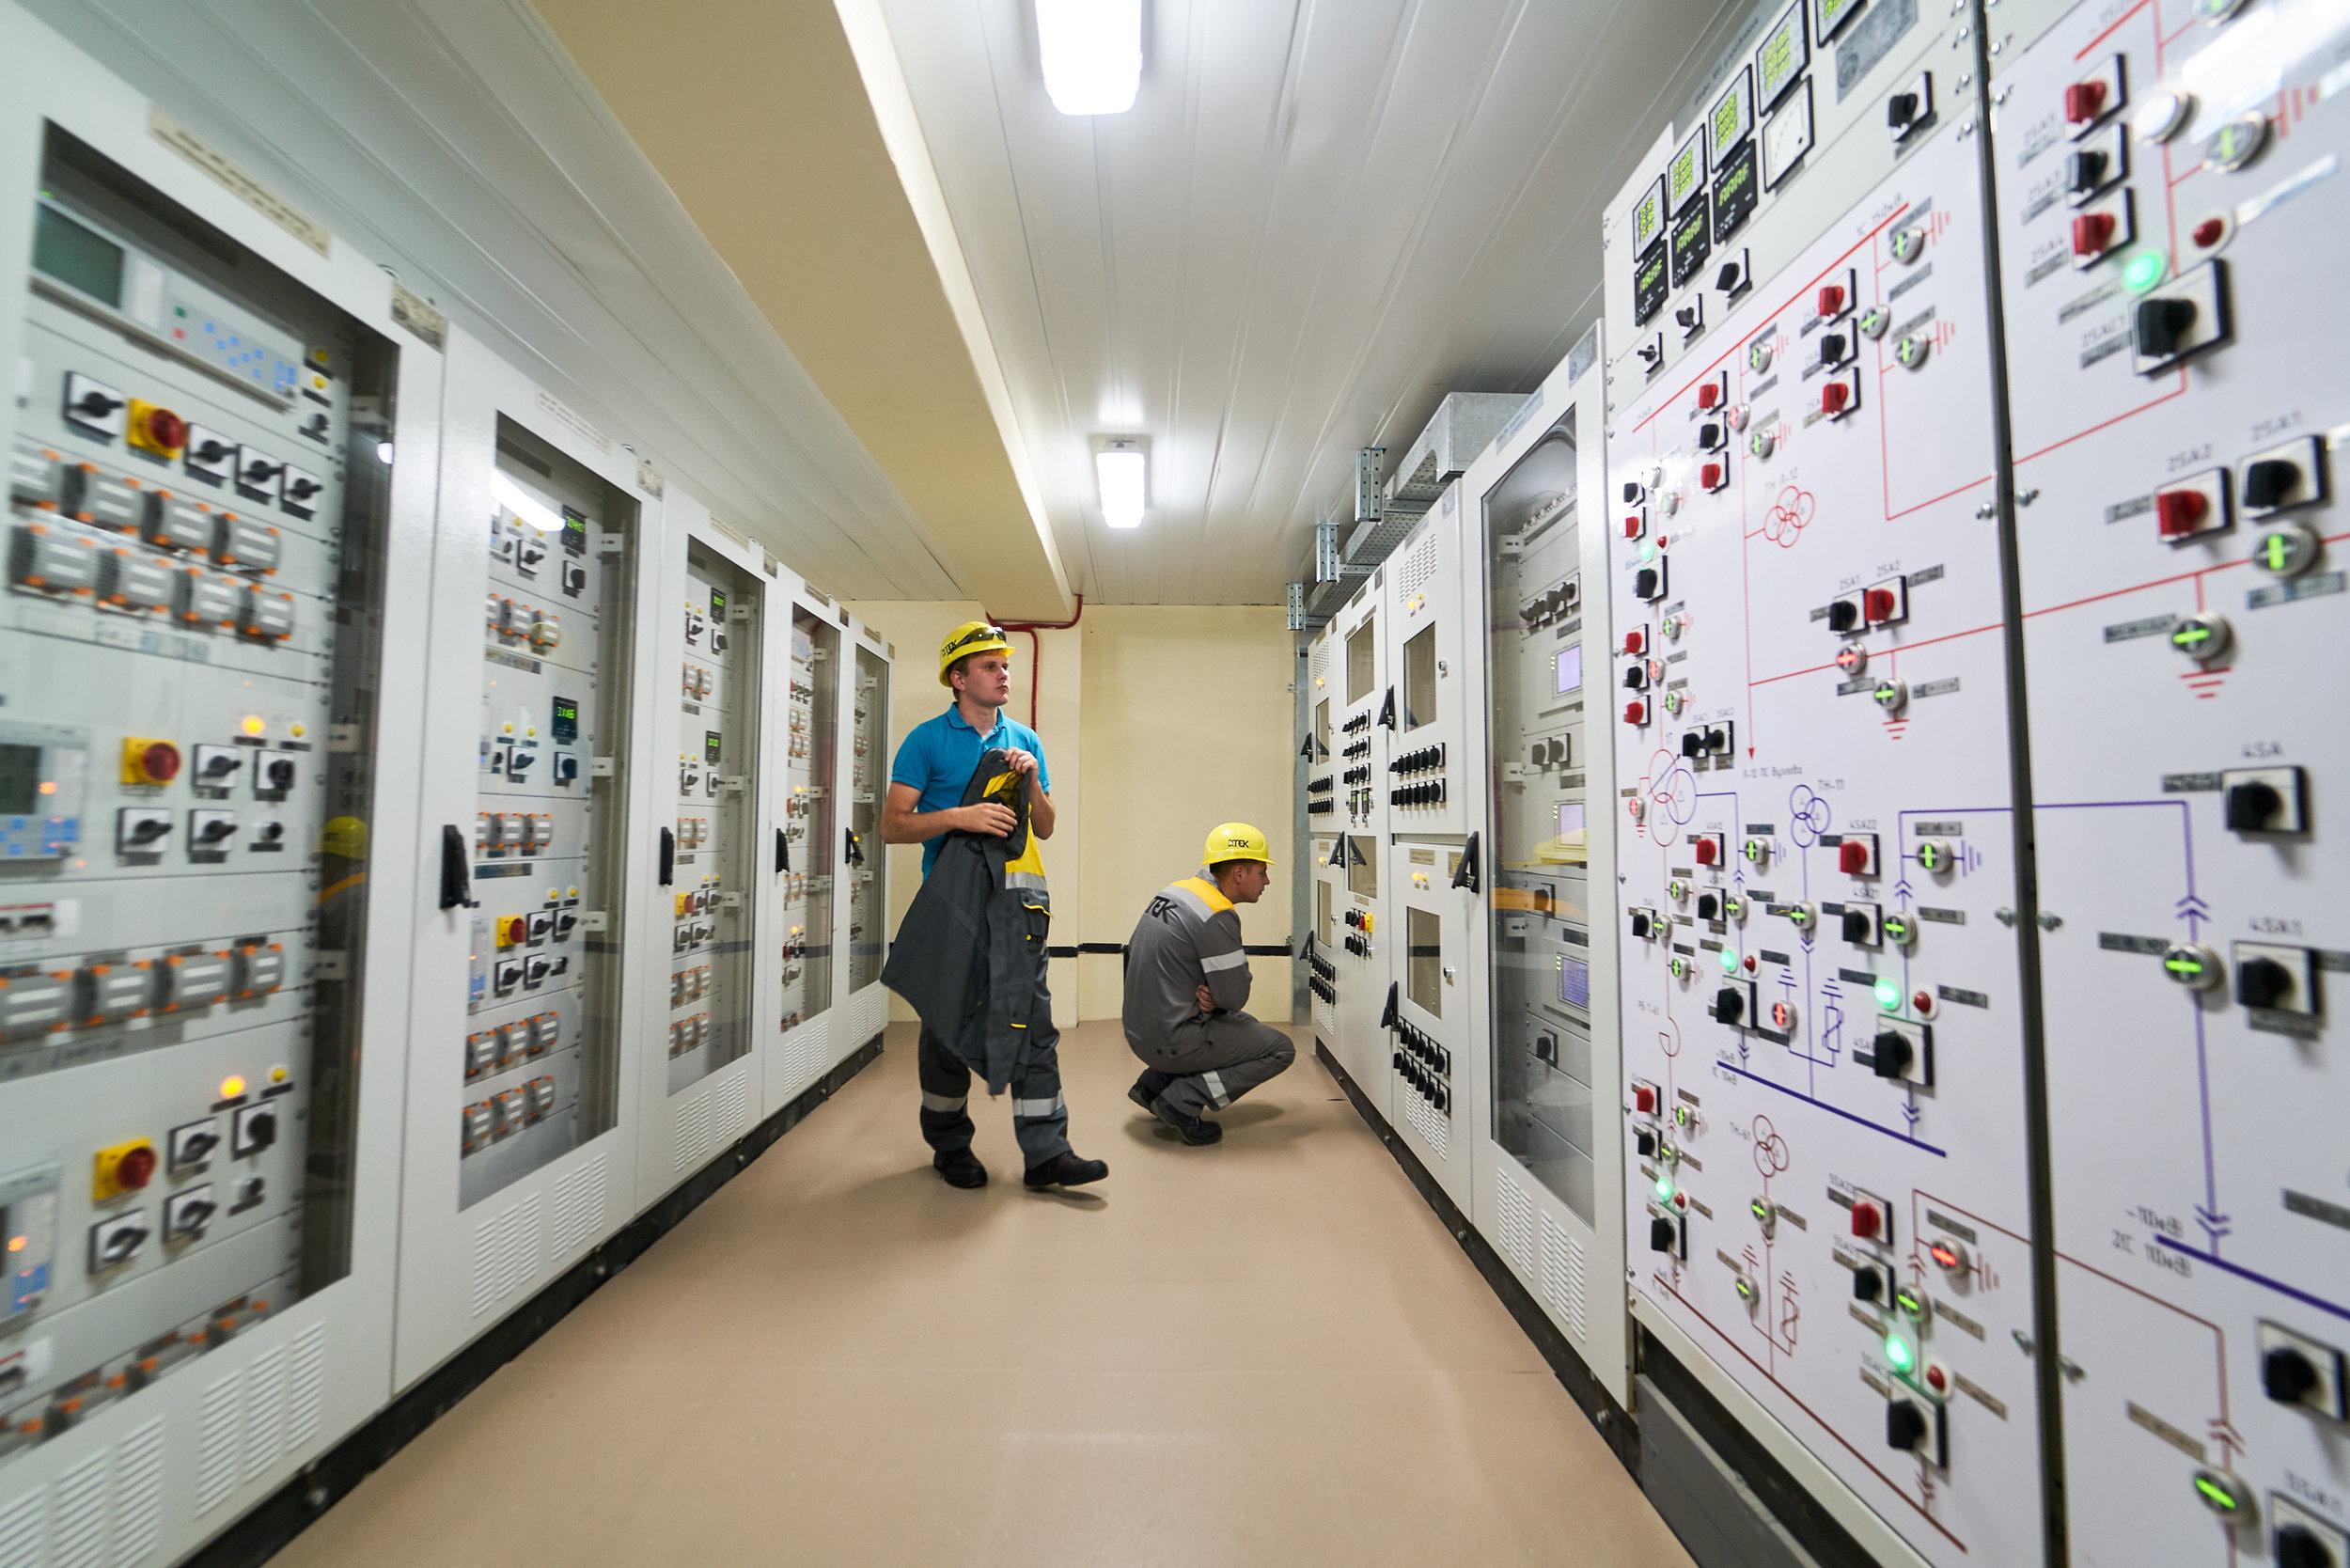 Підстанція забезпечує електроенергією весь центр Дніпра та метрополітен